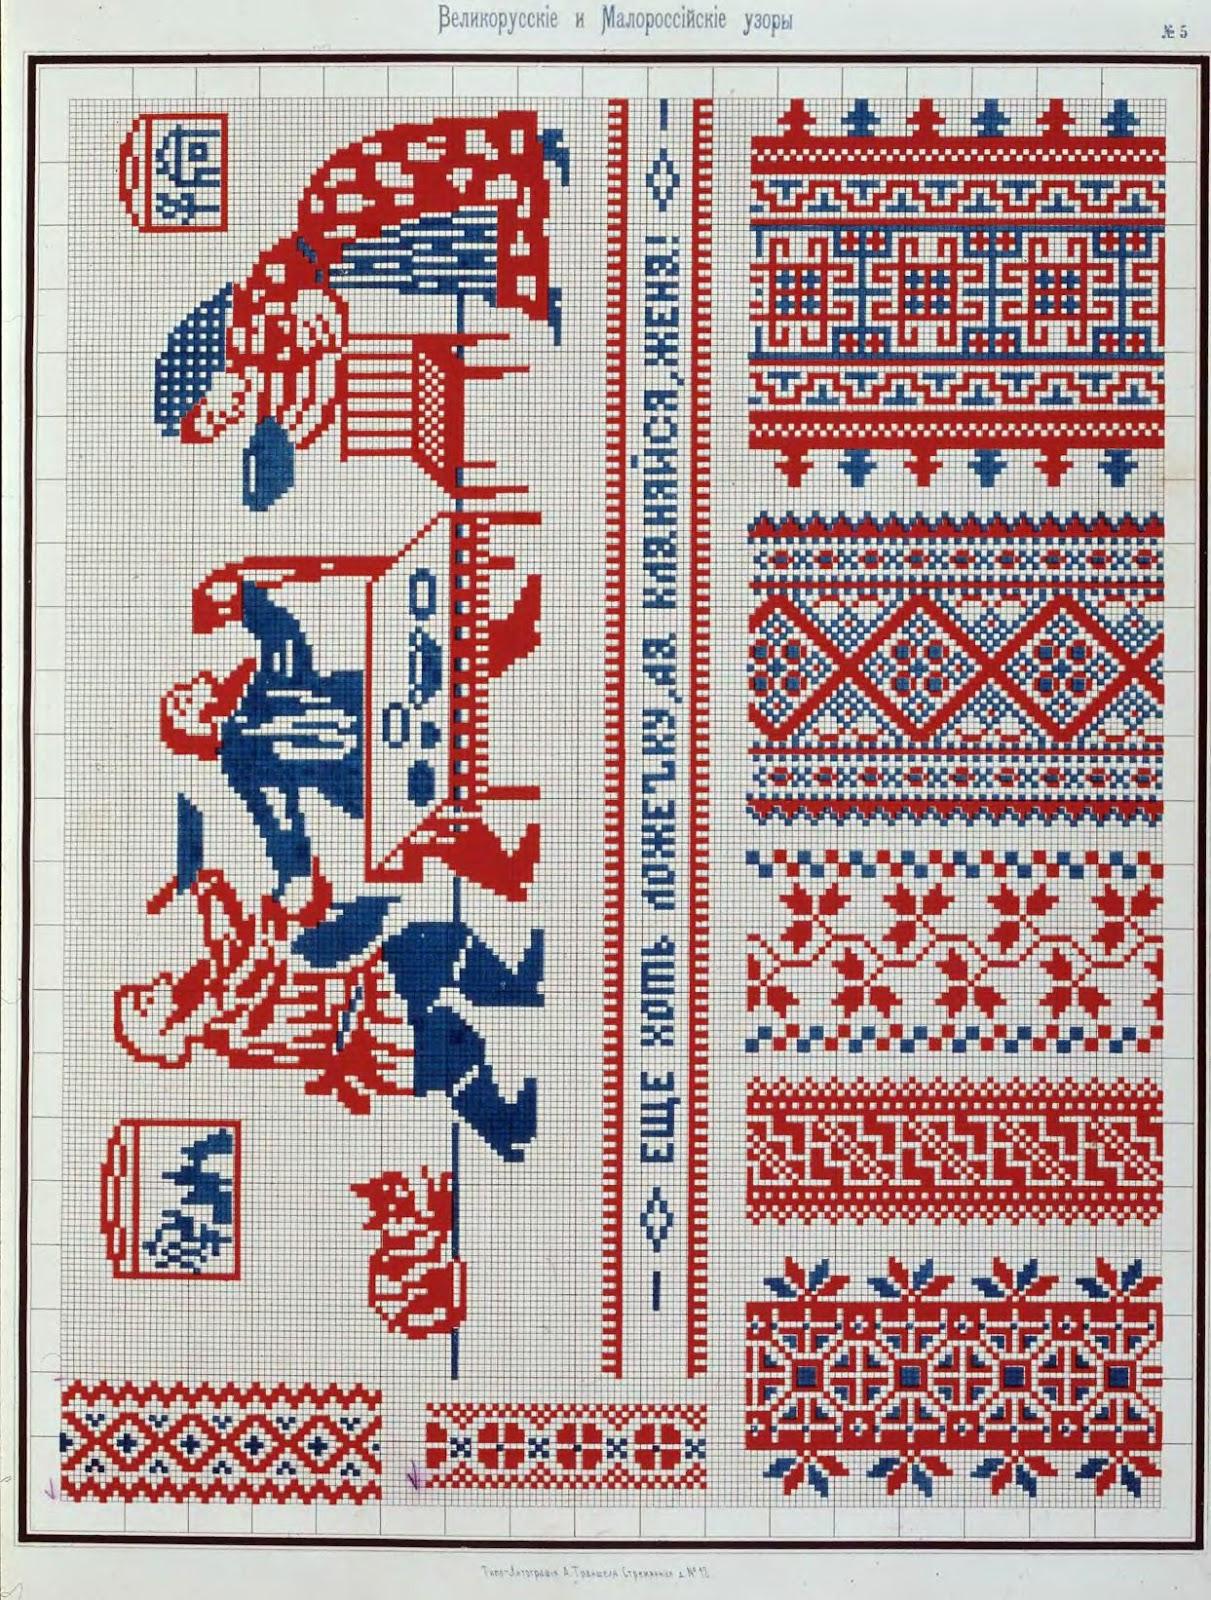 Русские орнаменты схемы вышивки крестом